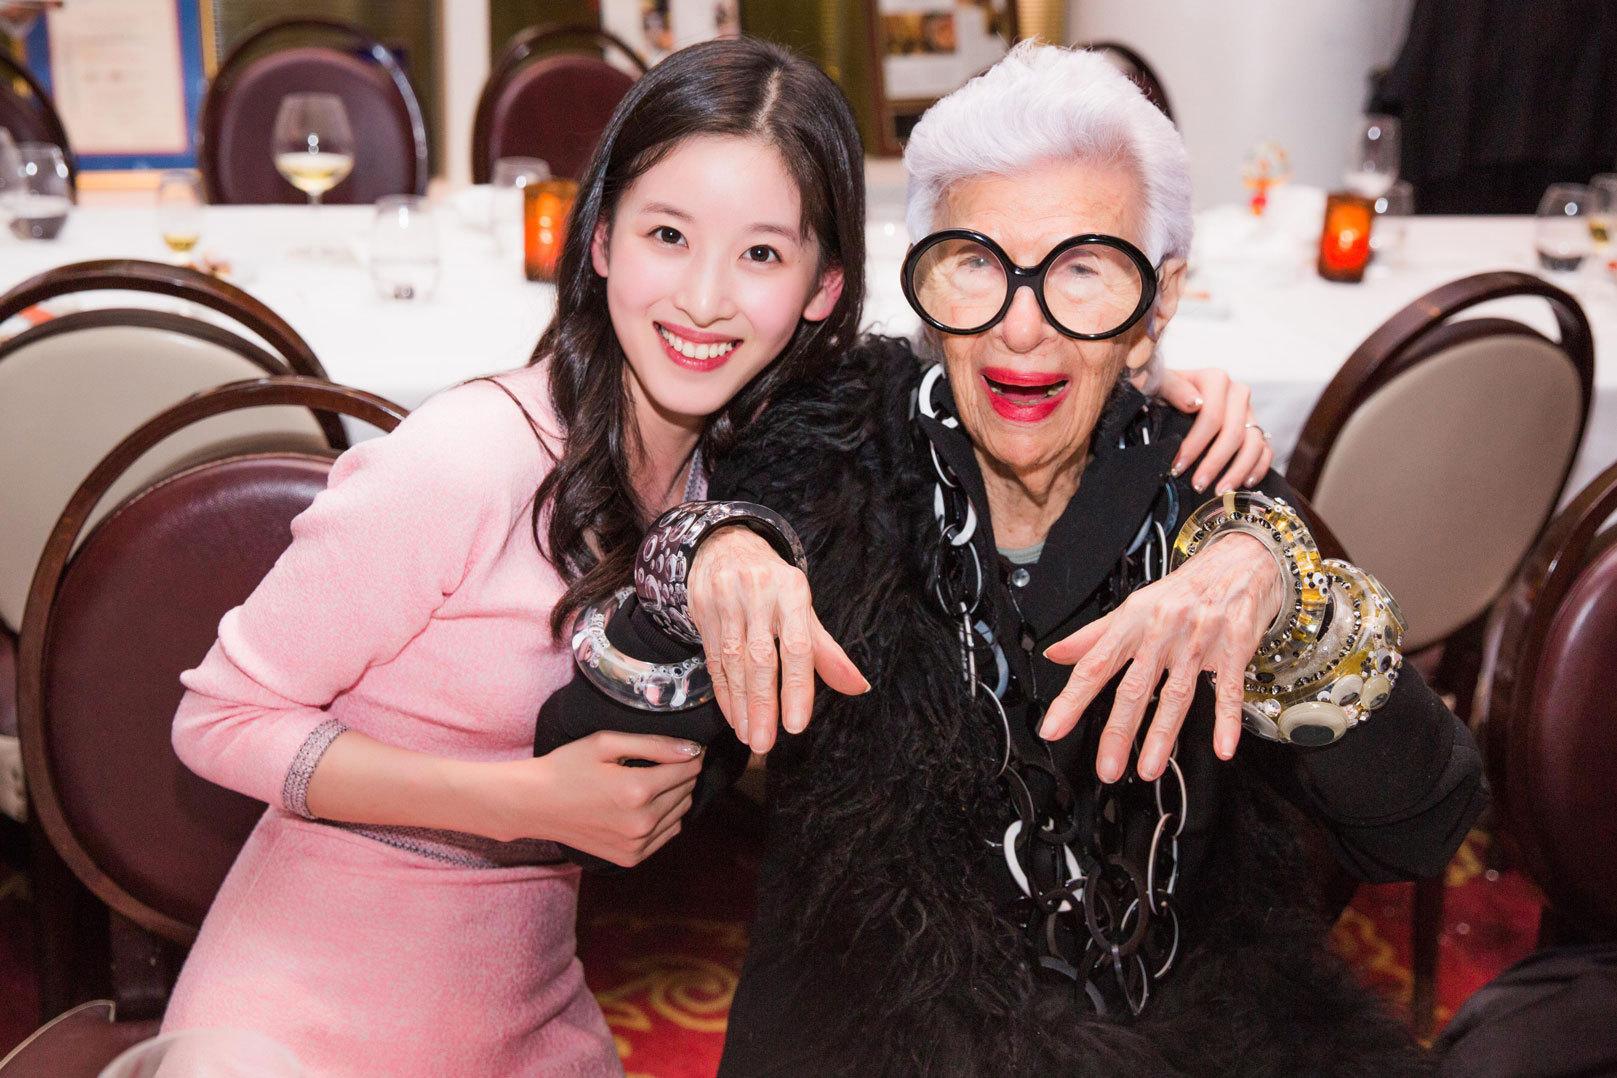 Từ khi lấy chống, hot girl trà sữa Chương Chiết Thiên liên tục diện đồ hiệu, dự sự kiện thời trang danh tiếng - Ảnh 13.